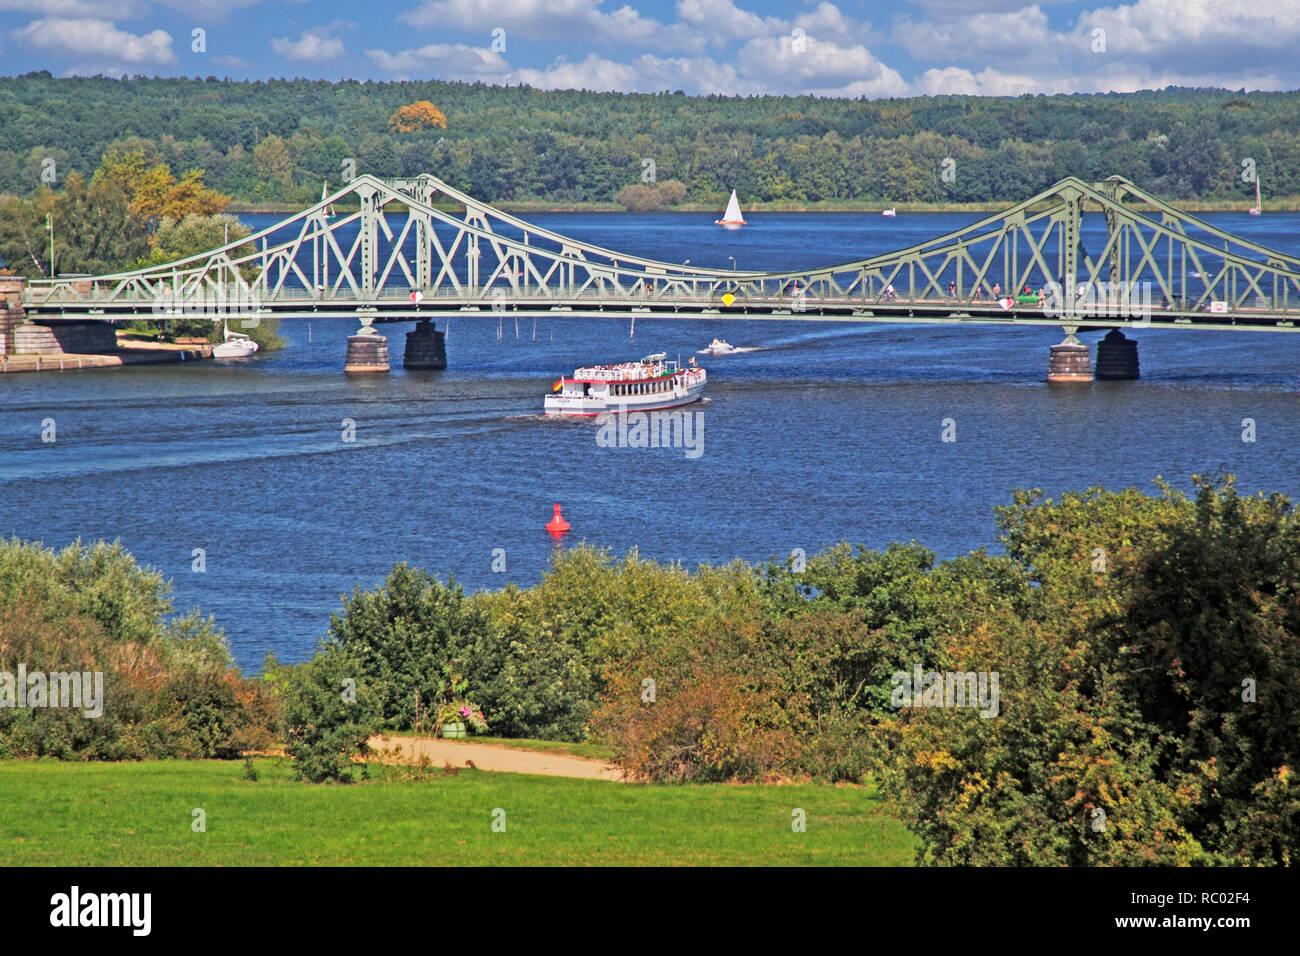 Glienicker Brücke, Verbindung Berlin - Potsdam über die Havel, im 'Kalten Krieg' Agentenaustausch Ost-West, z.B. Abel - Gary Powers 1962, Potsdam, Bra - Stock Image